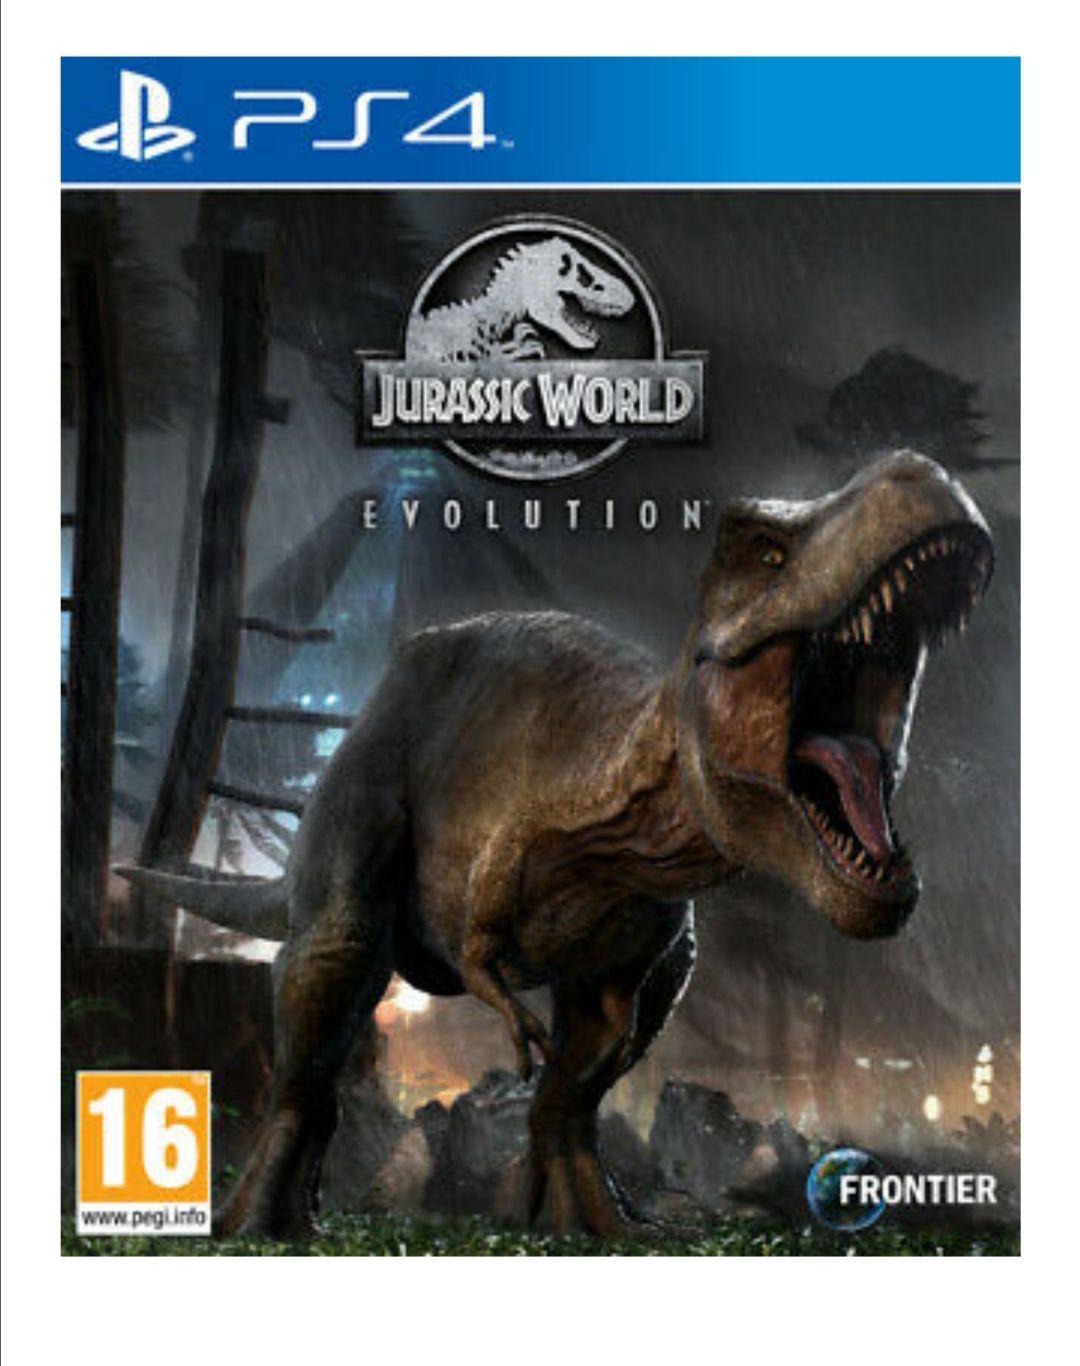 Jurassic world evolution para Ps4